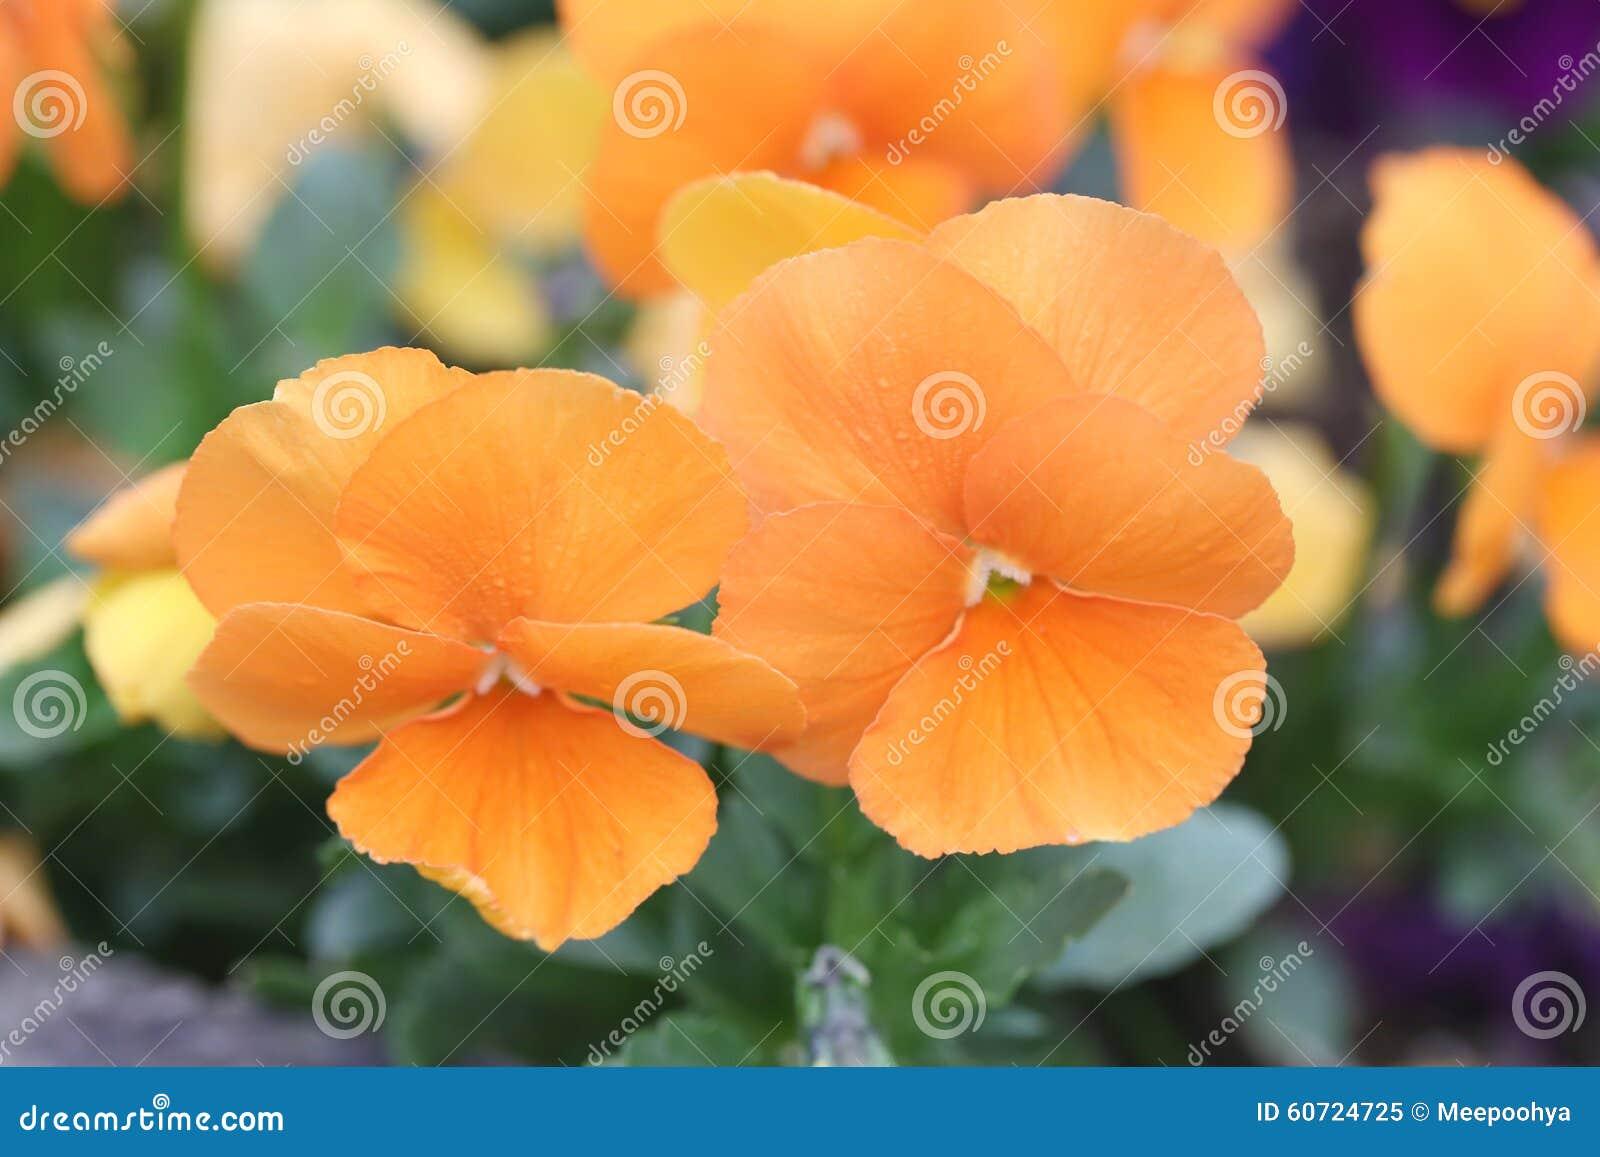 Fleur Orange De Pensee Image Stock Image Du Japan Fleur 60724725